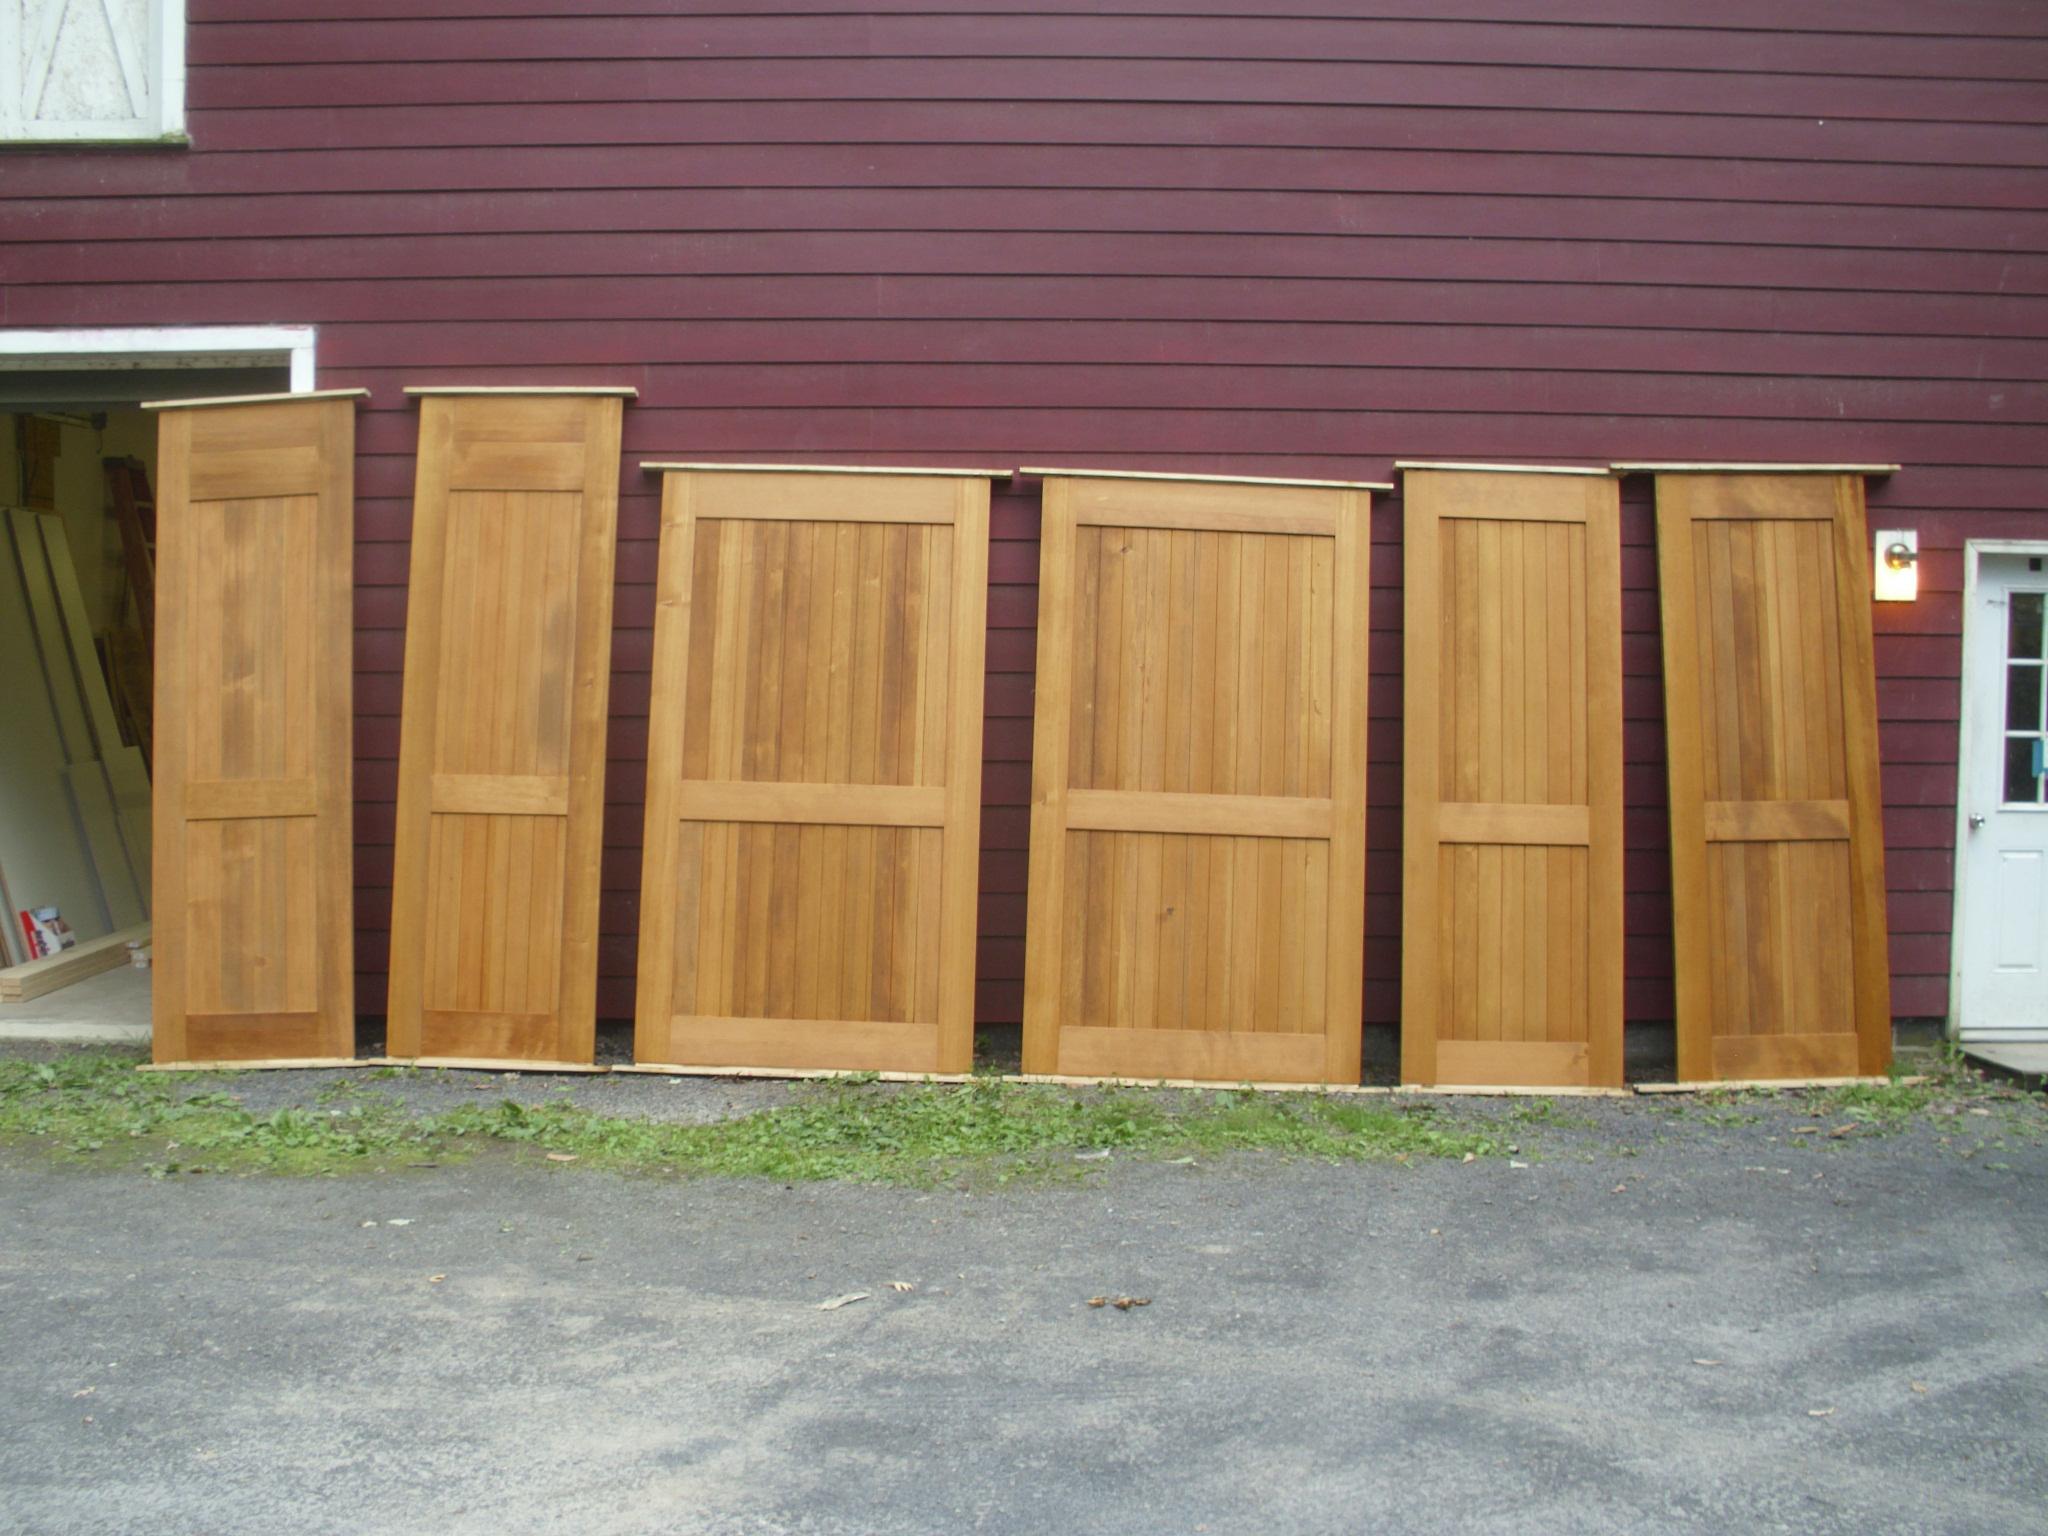 Douglas Fir Barn Doors